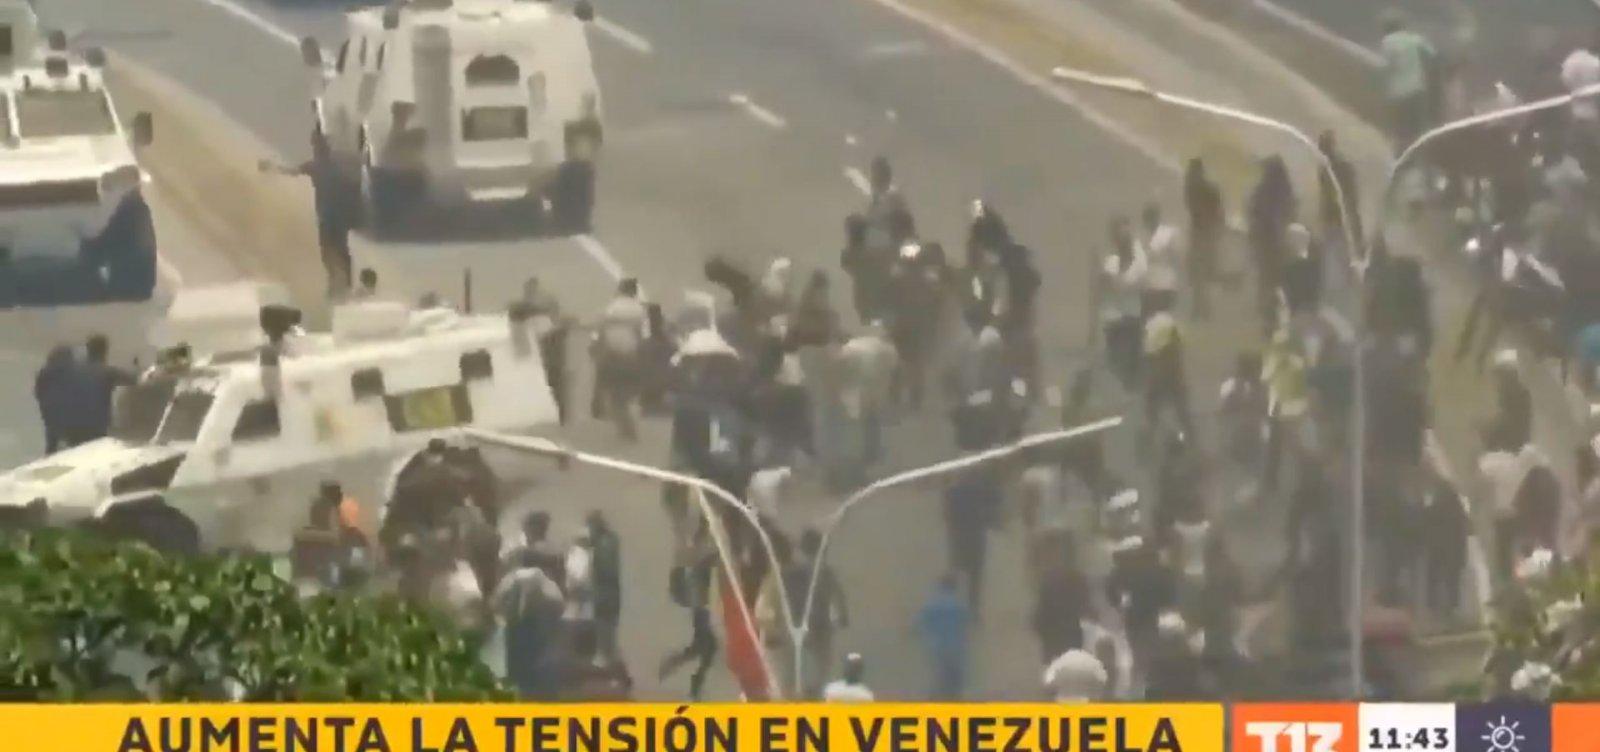 [Assista: blindados atropelam manifestantes contra Maduro na Venezuela]